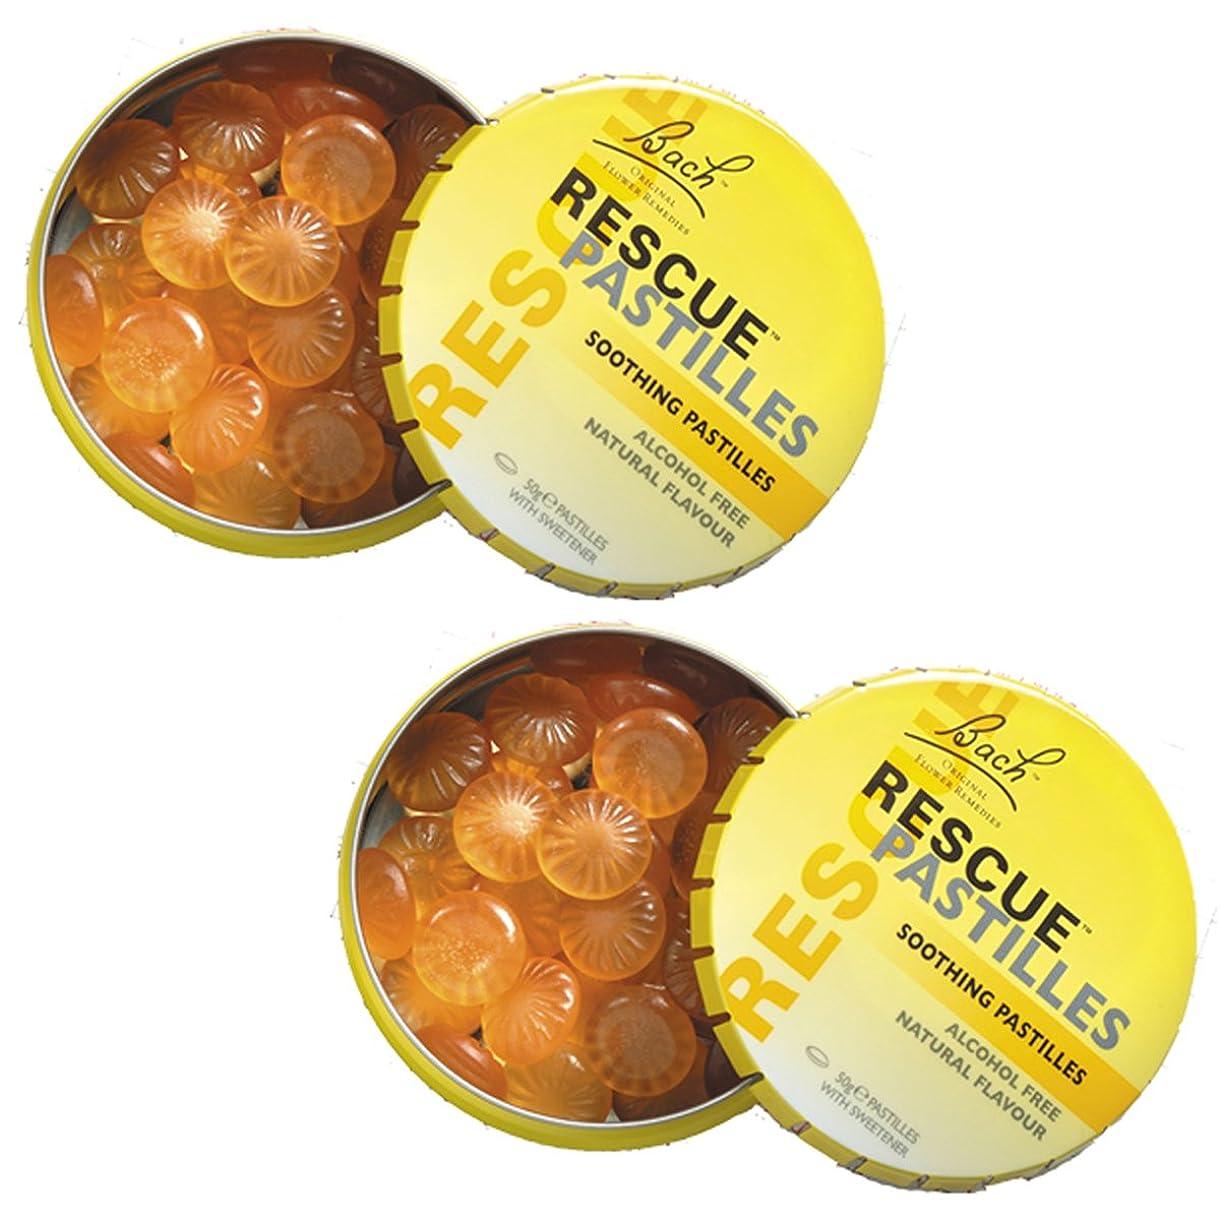 【2個セット】 レスキューパステル 50g 日本国内正規品